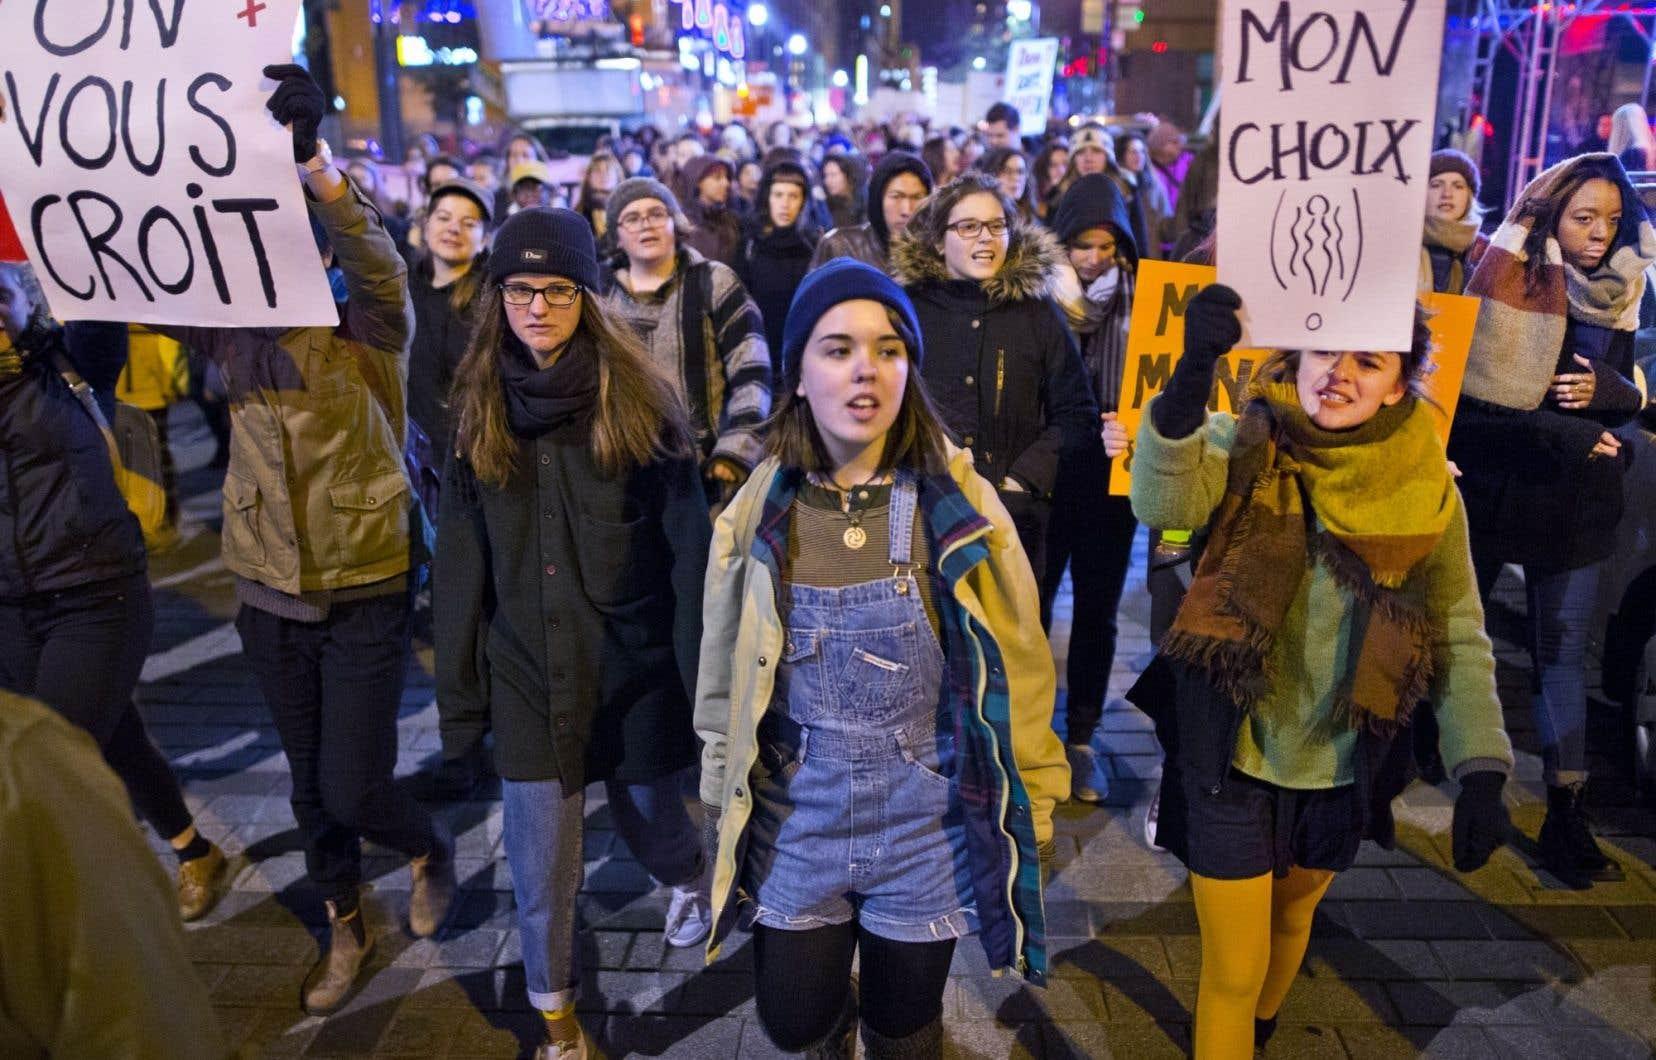 Des manifestantes ont brandit des pancartes où l'on pouvait lire «On vous croit», mercredi, à Montréal.